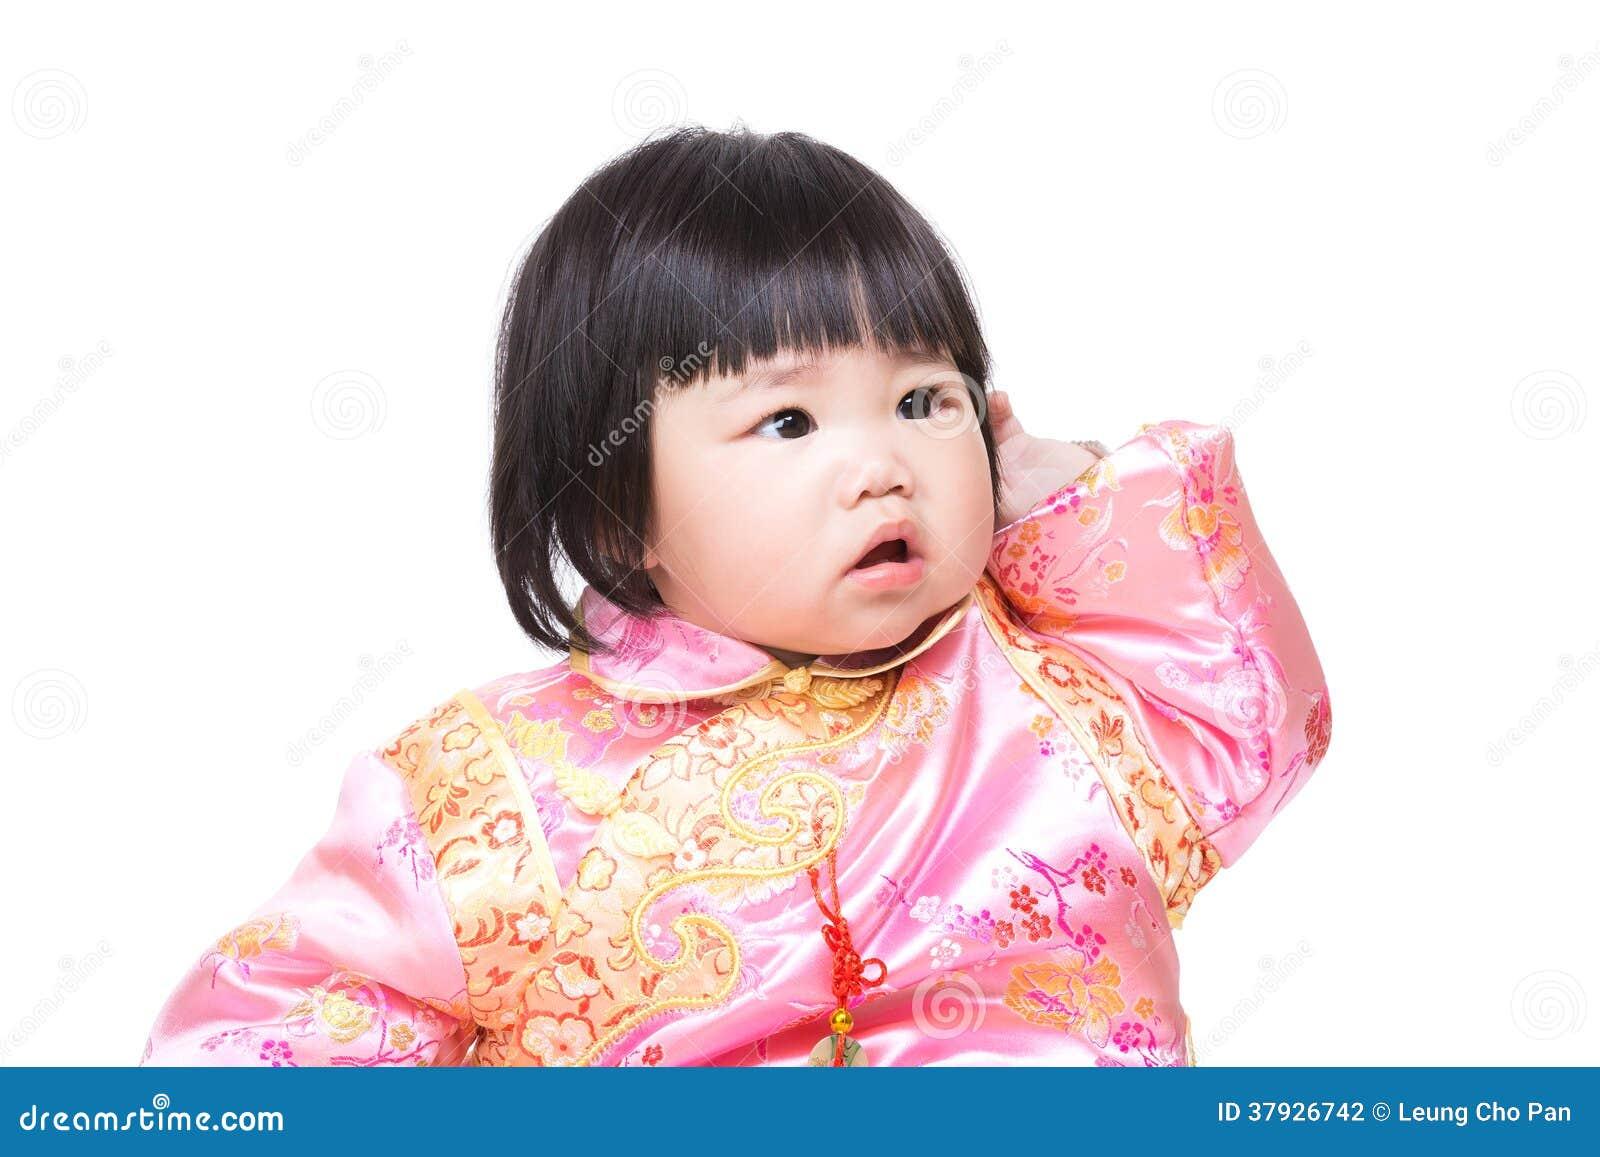 Китайская голова царапины ребёнка